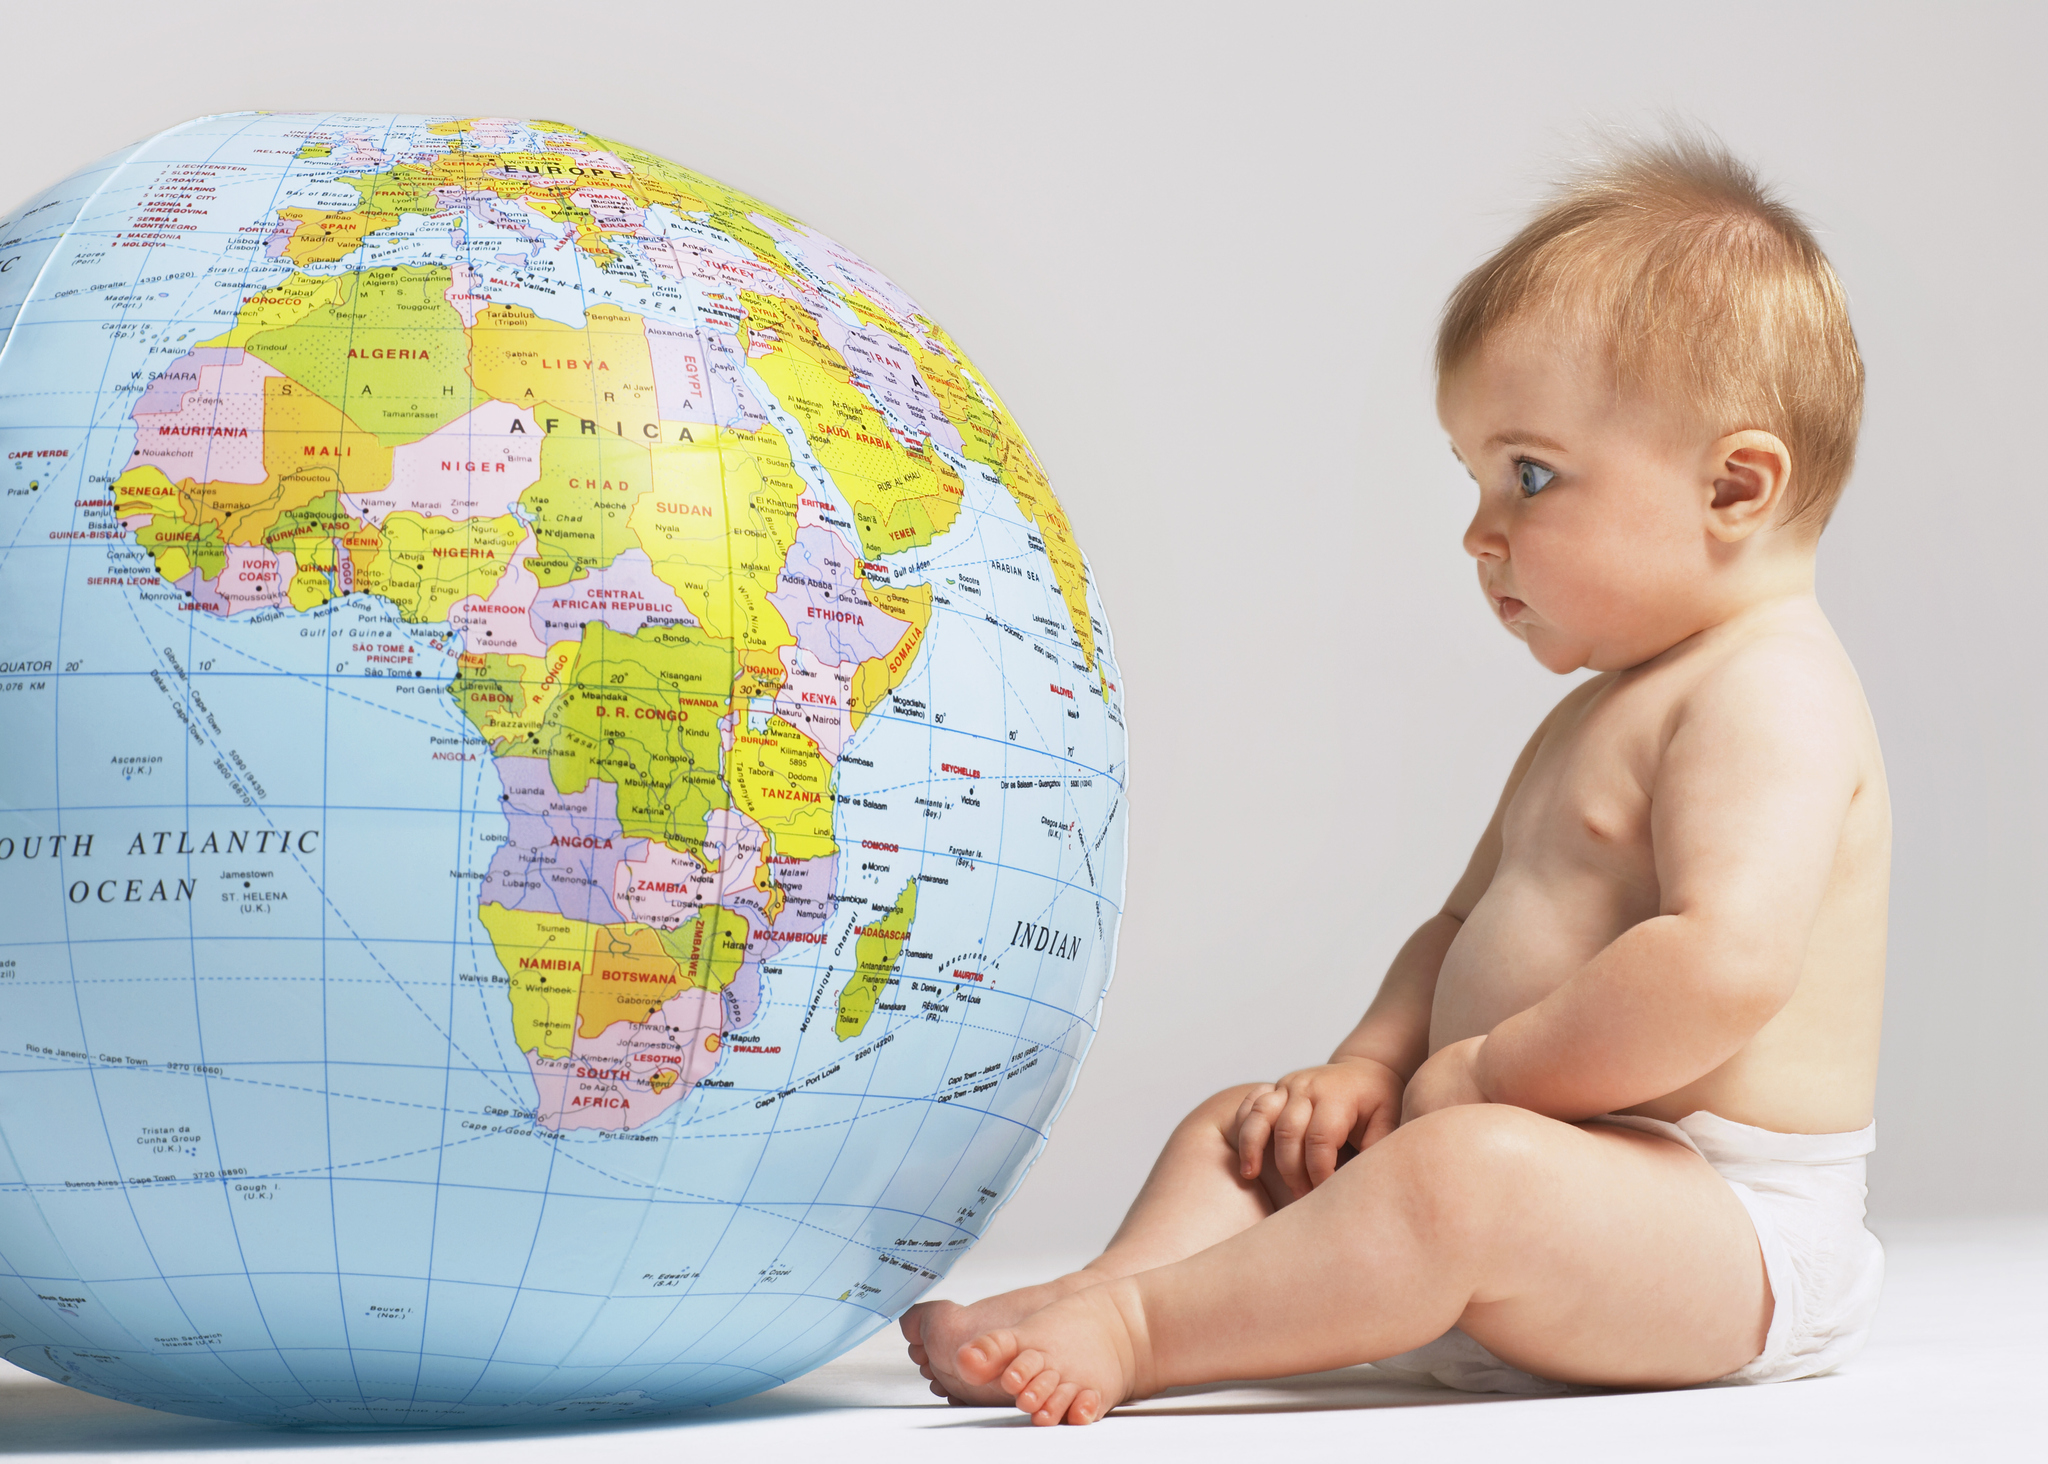 Нужно ли разрешение отца на вывоз ребенка за границу при разводе